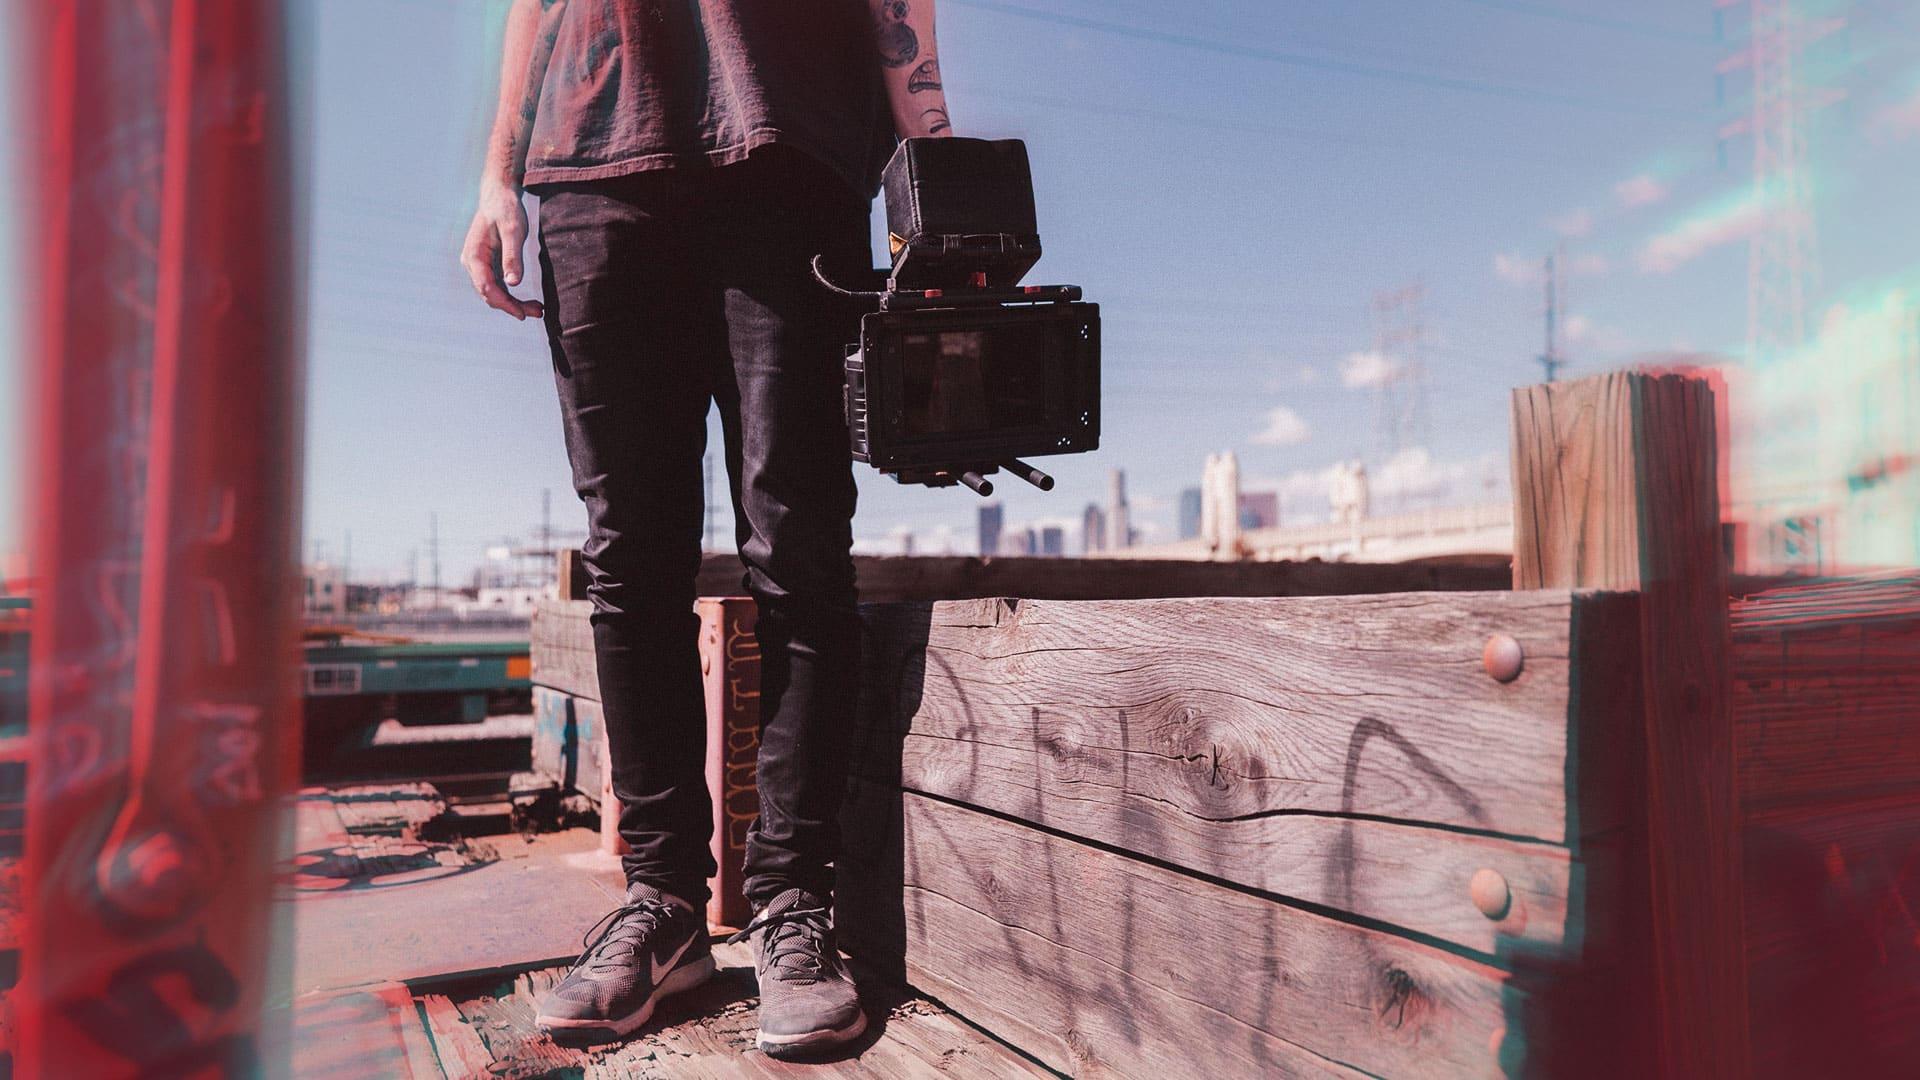 personne sur les toits d'une ville tenant une caméra dans la main droite